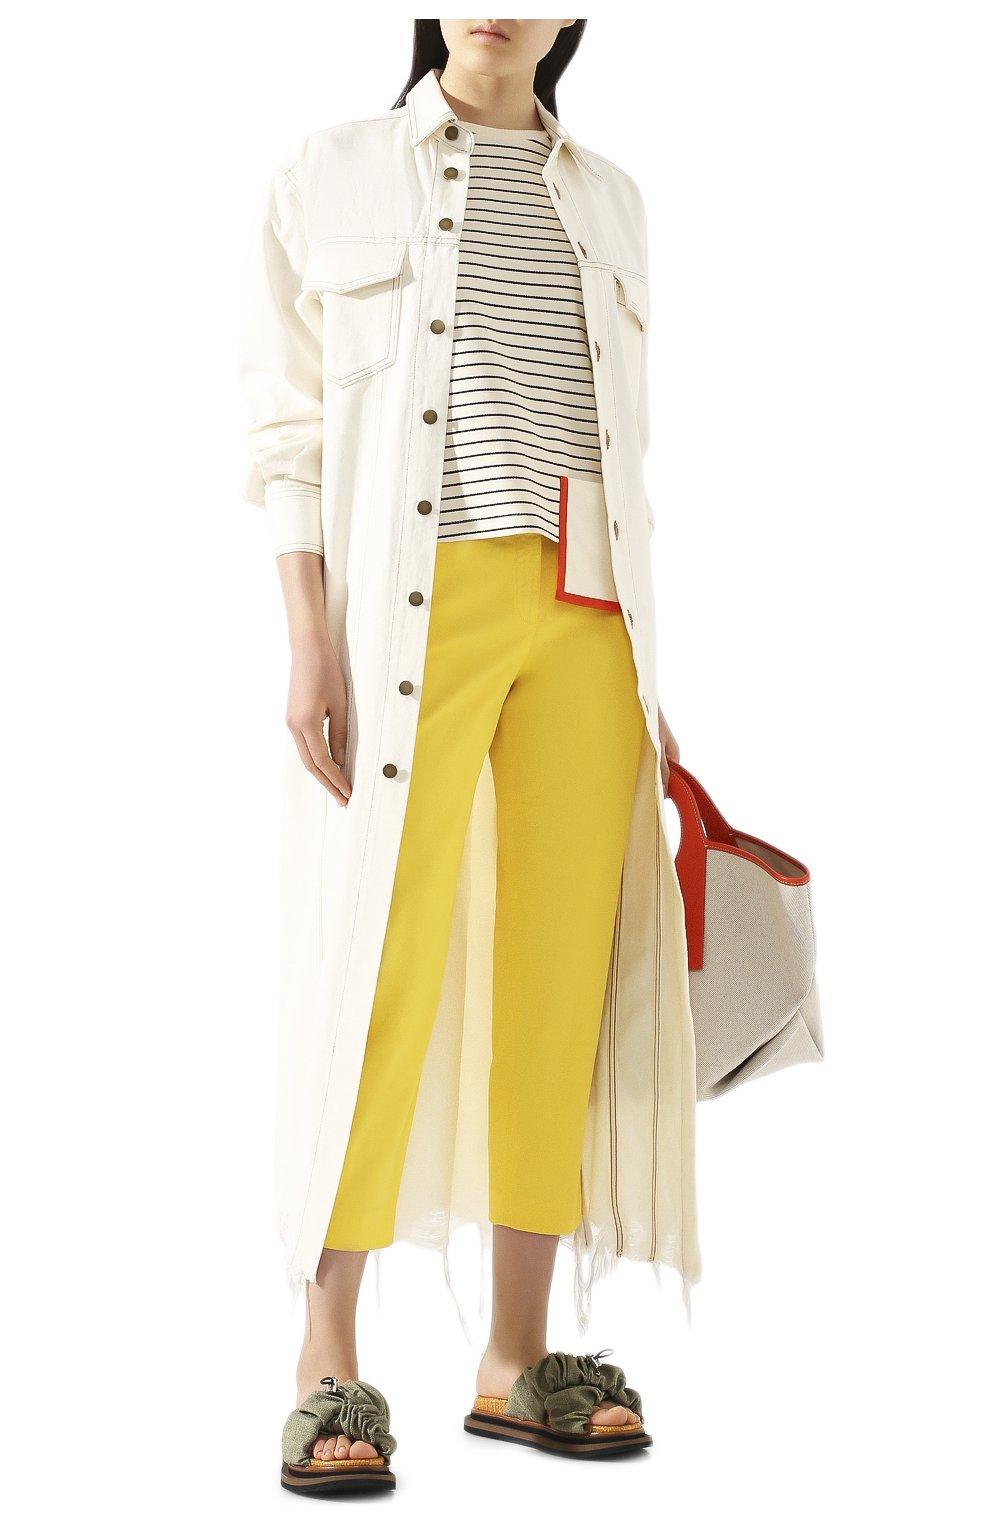 Женские хлопковые брюки TWO WOMEN IN THE WORLD желтого цвета, арт. LAUREN/YEAT3   Фото 2 (Женское Кросс-КТ: Брюки-одежда; Силуэт Ж (брюки и джинсы): Прямые; Материал внешний: Хлопок; Длина (брюки, джинсы): Укороченные)